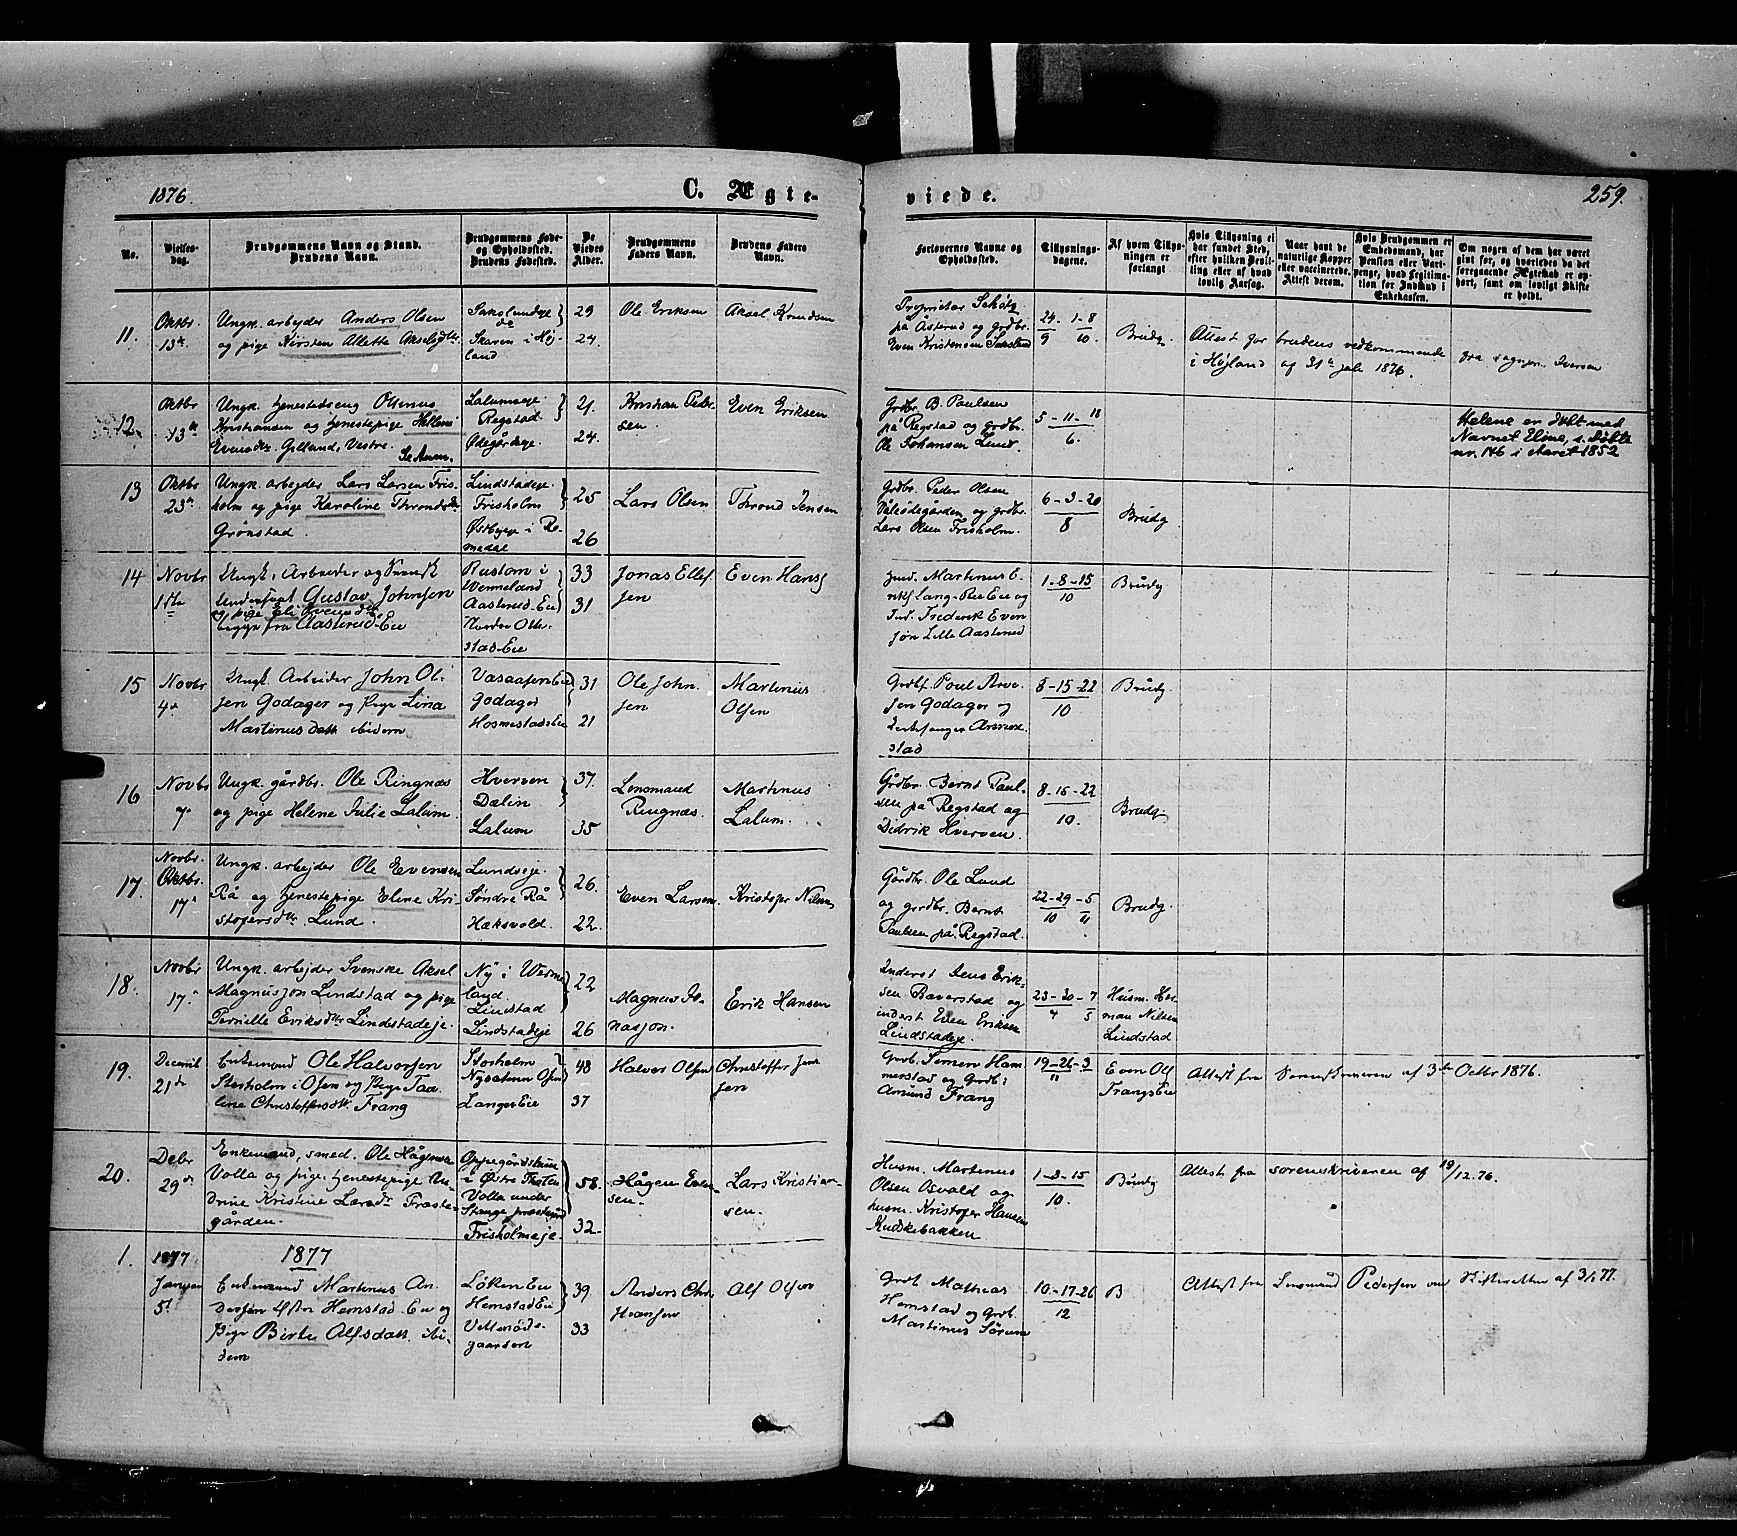 SAH, Stange prestekontor, K/L0013: Parish register (official) no. 13, 1862-1879, p. 259